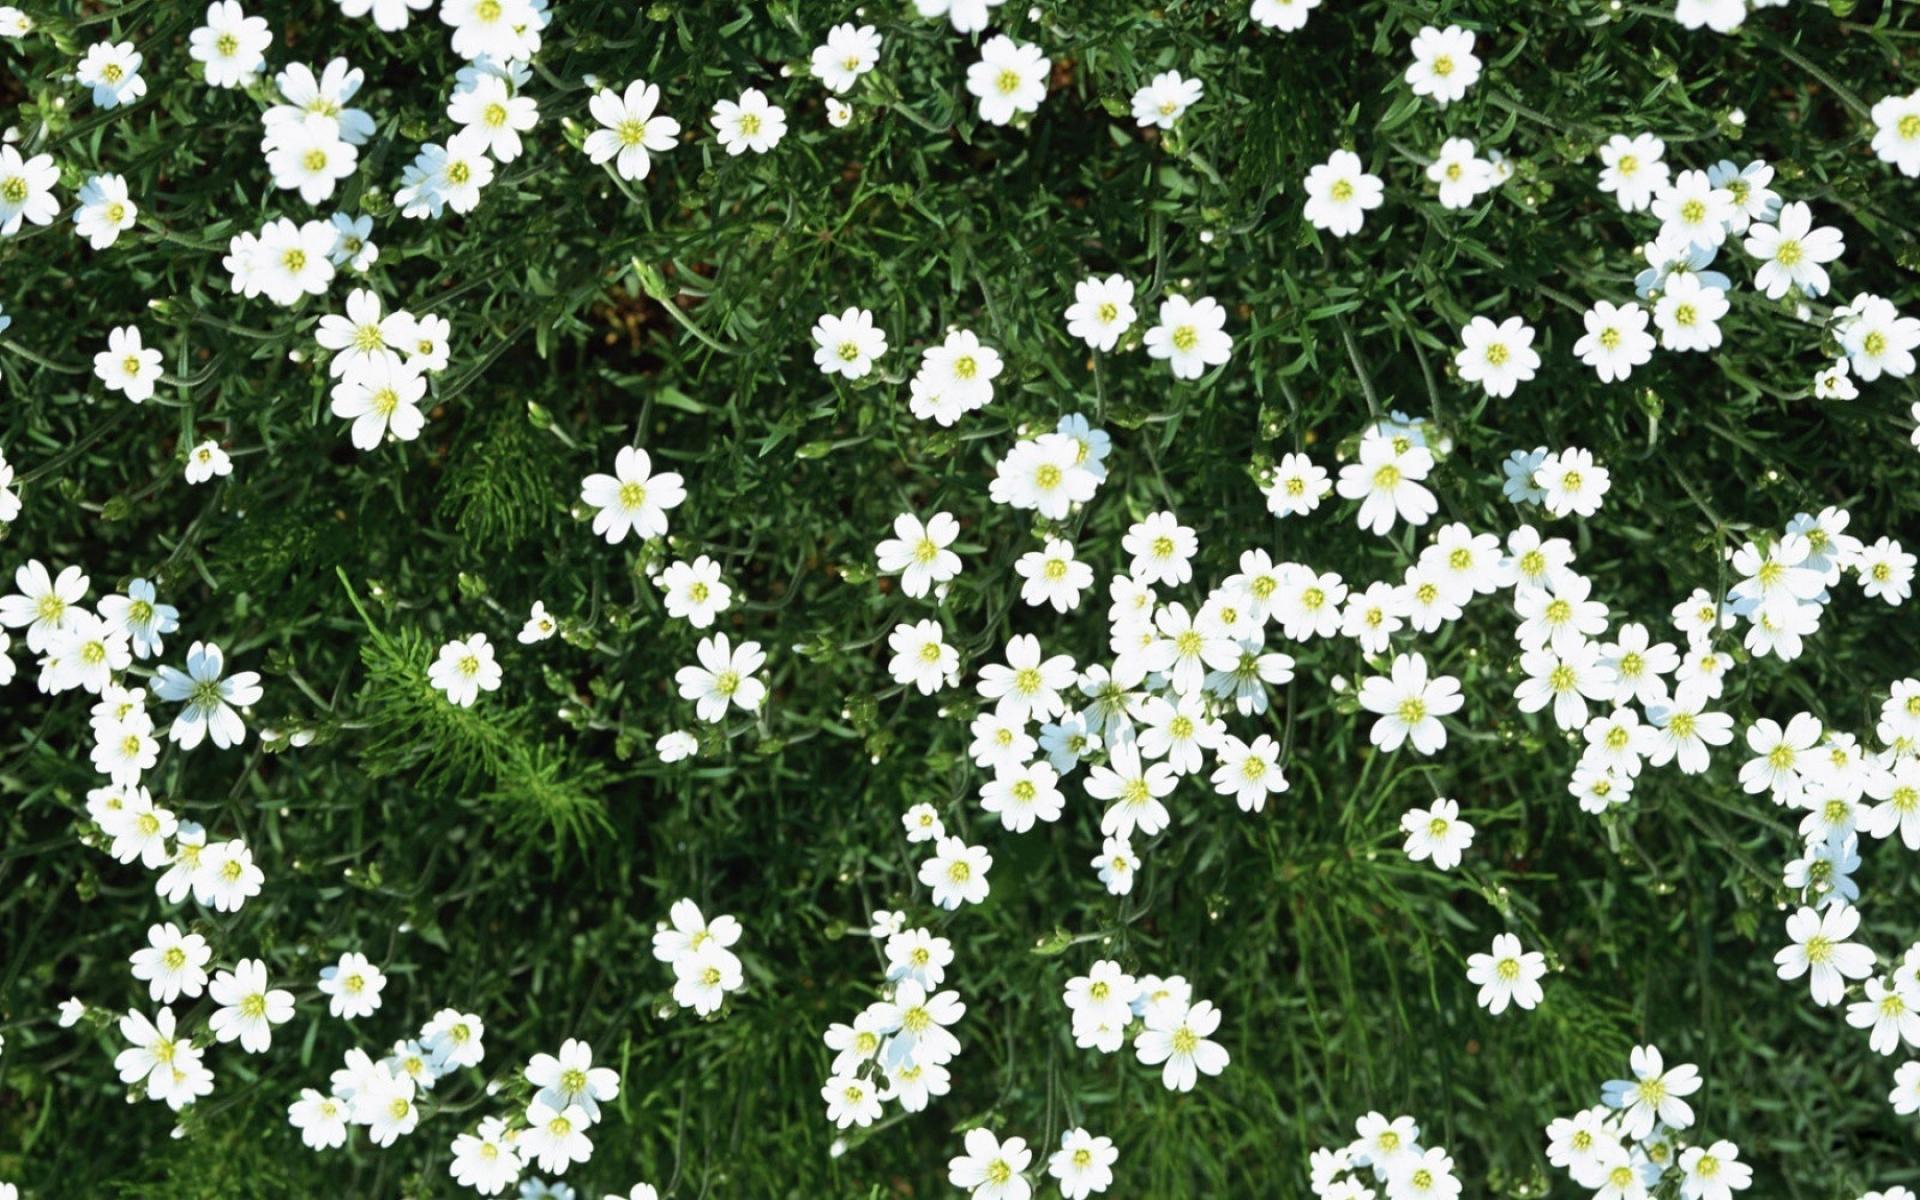 Картинки Цветы, маленький, белый, зеленый, лето фото и обои на рабочий стол